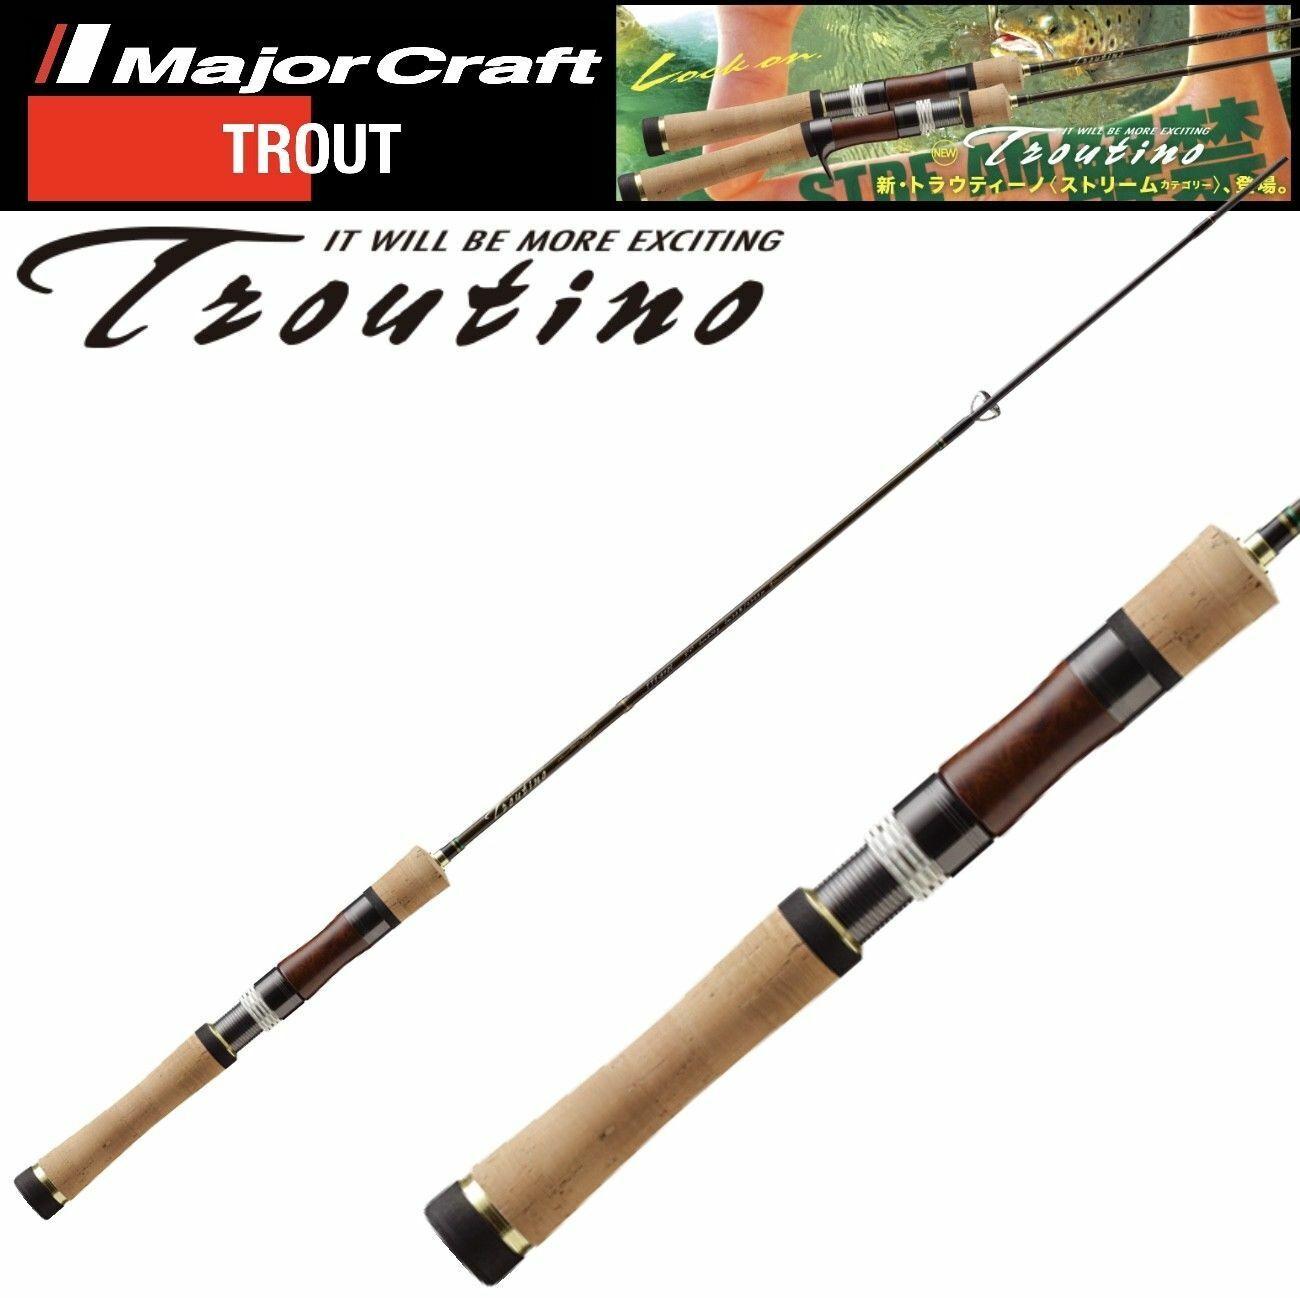 Major Craft pesca alla trossoa Spinning Rod modello troutino